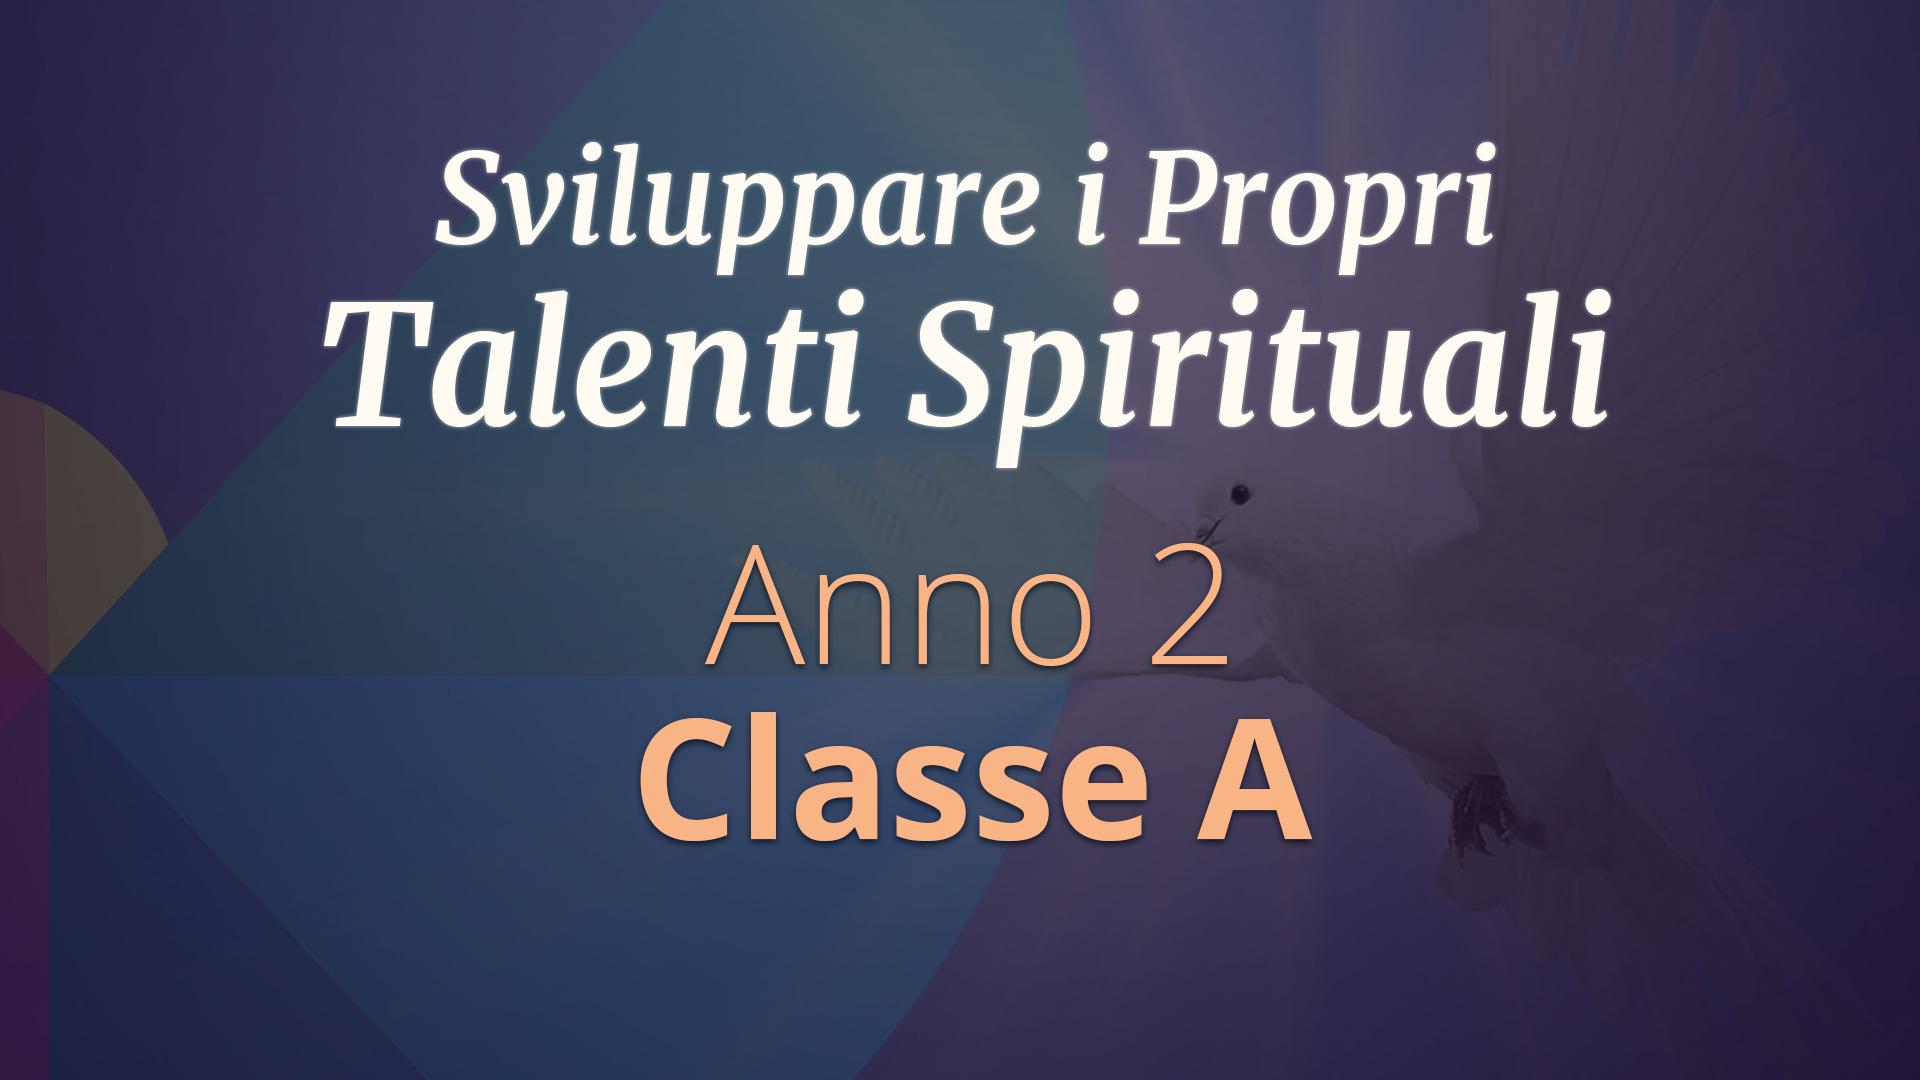 Corso di Sviluppo dei Talenti Spirituali  – Secondo Anno, Classe A